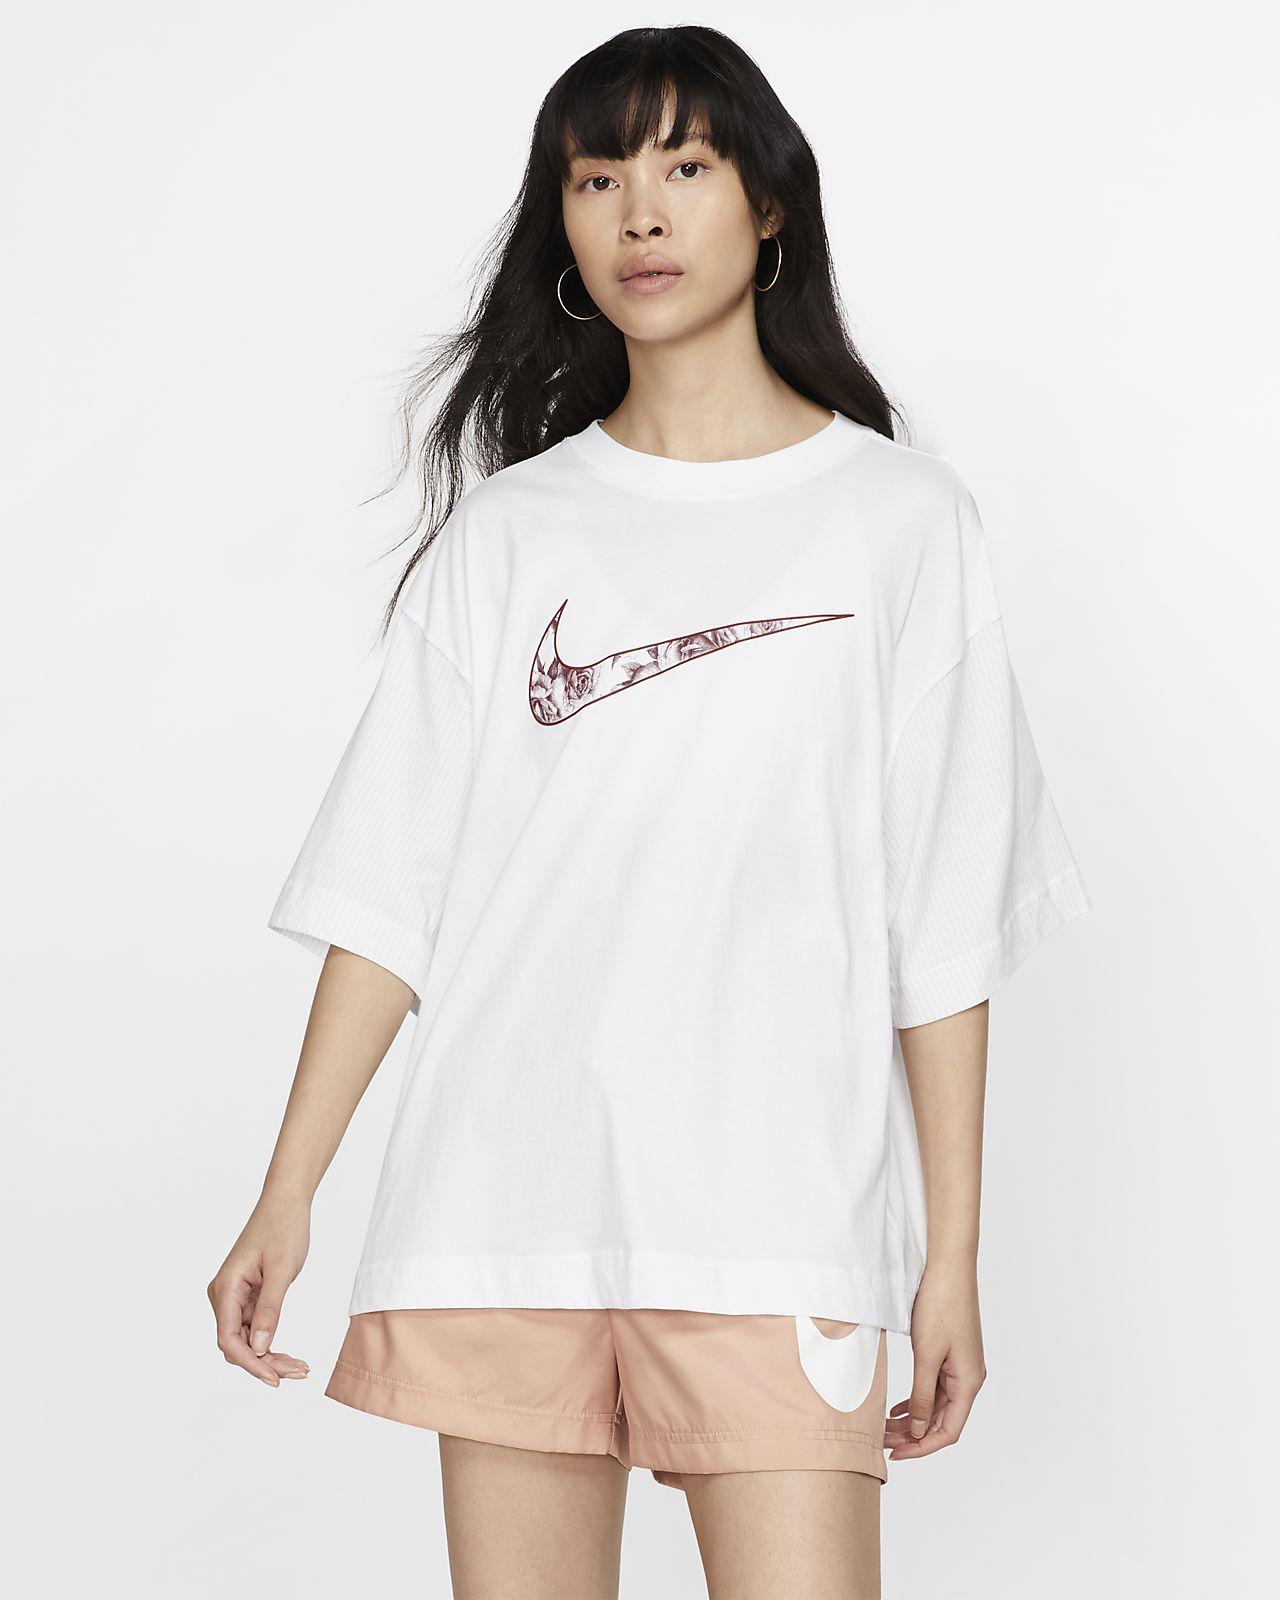 Nike Sportswear Unité Totale rövid ujjú női felsőrész